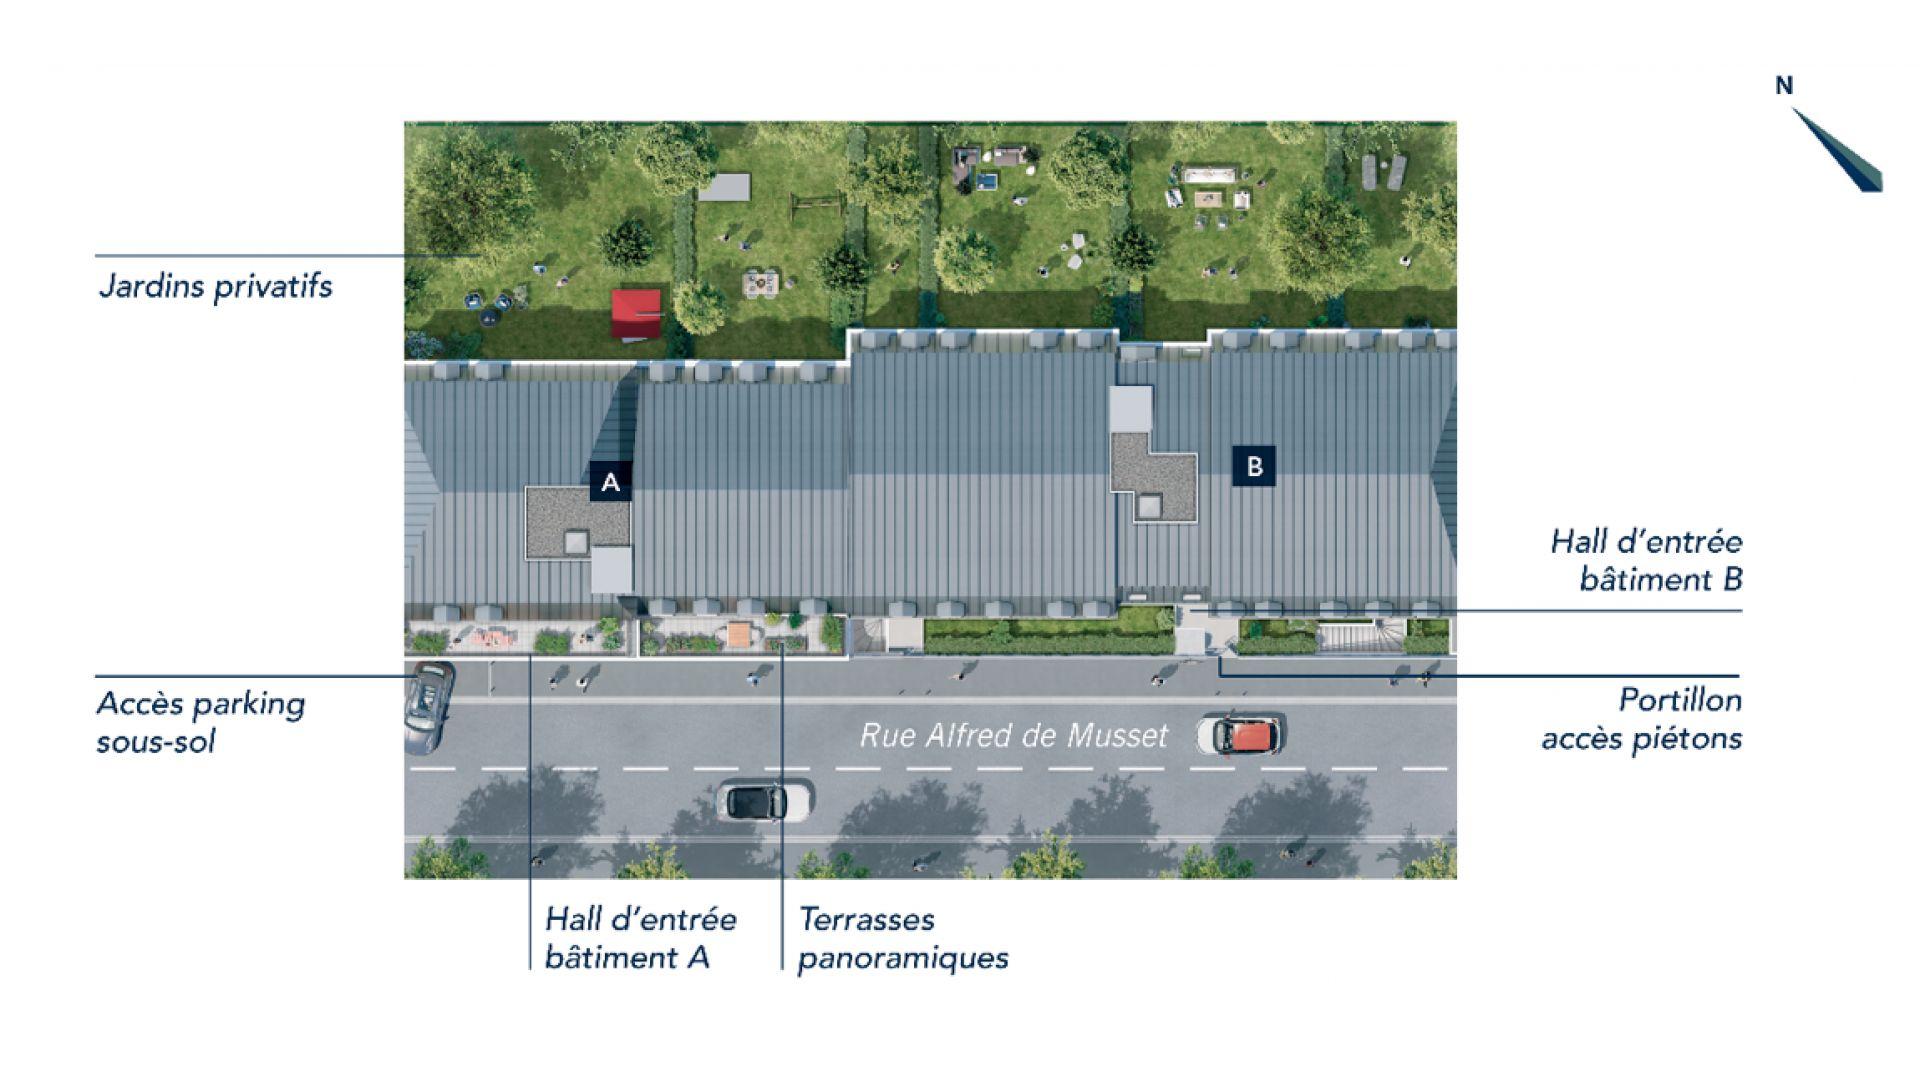 Greencity Immobilier - Résidence Le Fantasio - achat appartements du T1au T3 - Savigny-sur-Orge 91600 - plan de masse